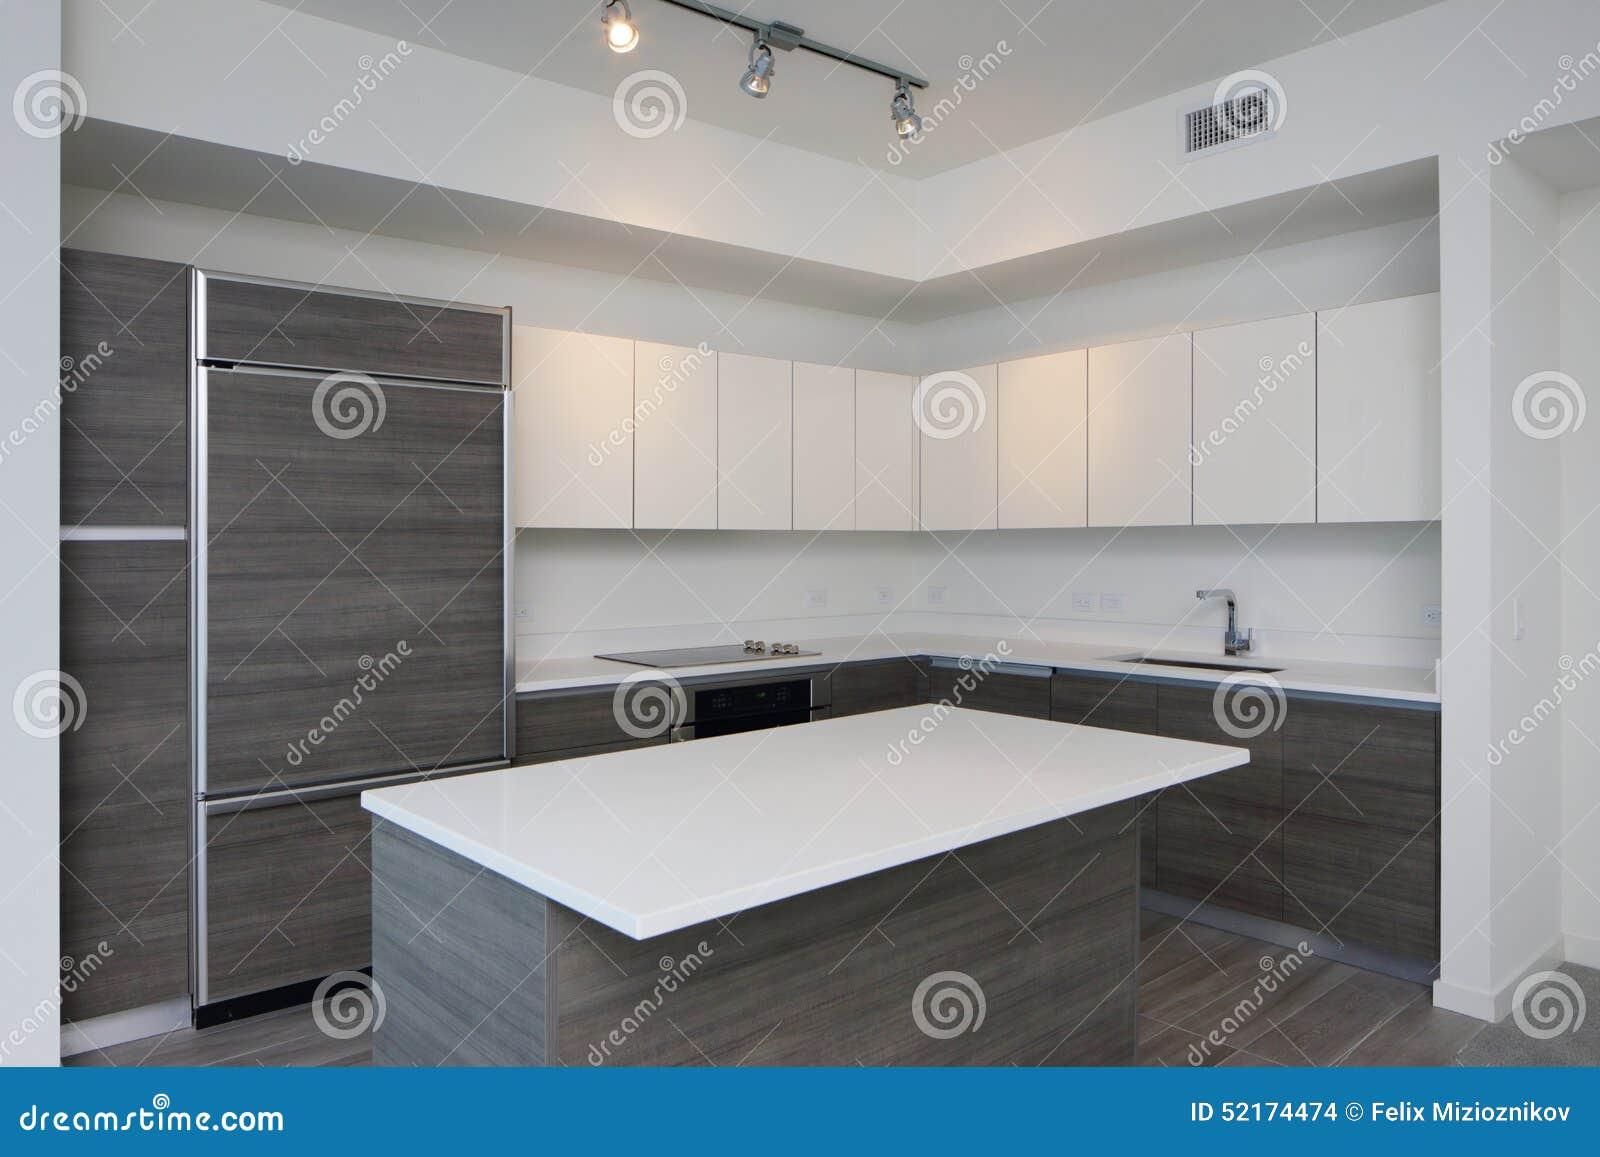 Moderne keuken met eiland stock foto afbeelding bestaande uit landgoed 52174474 - Fotos moderne keuken ...